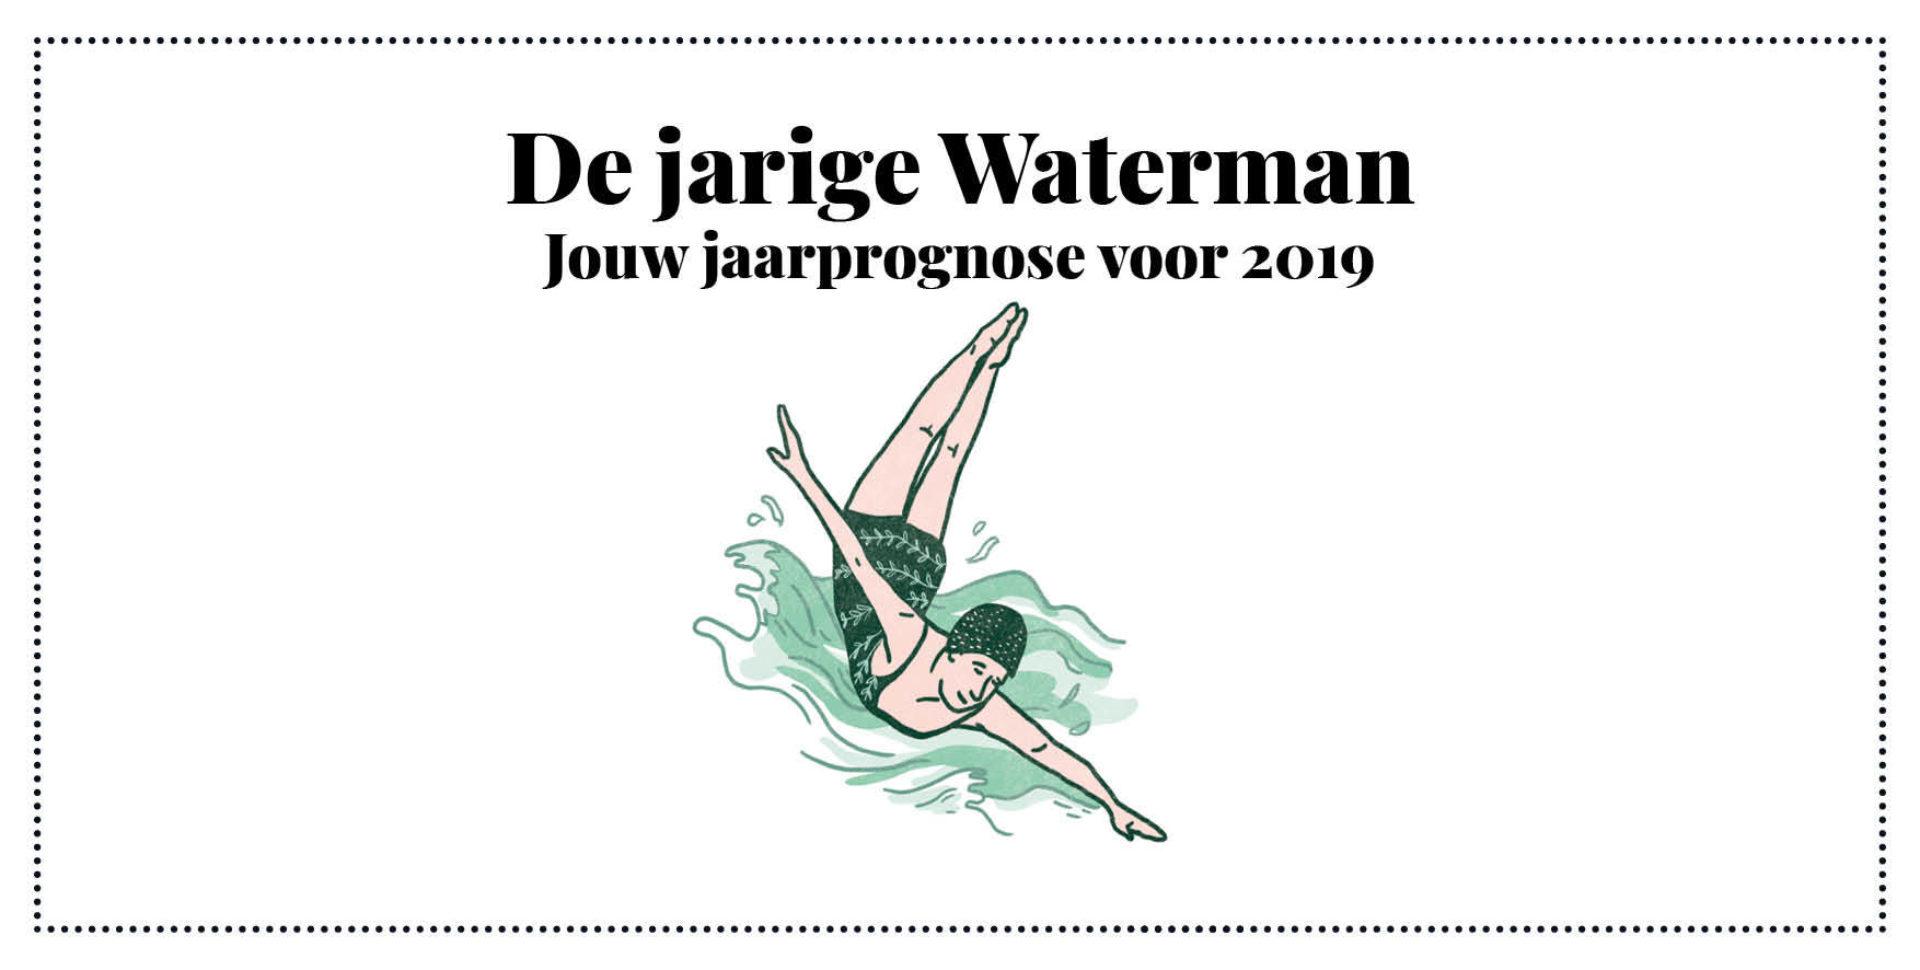 Waterman, jouw jaarhoroscoop 2019